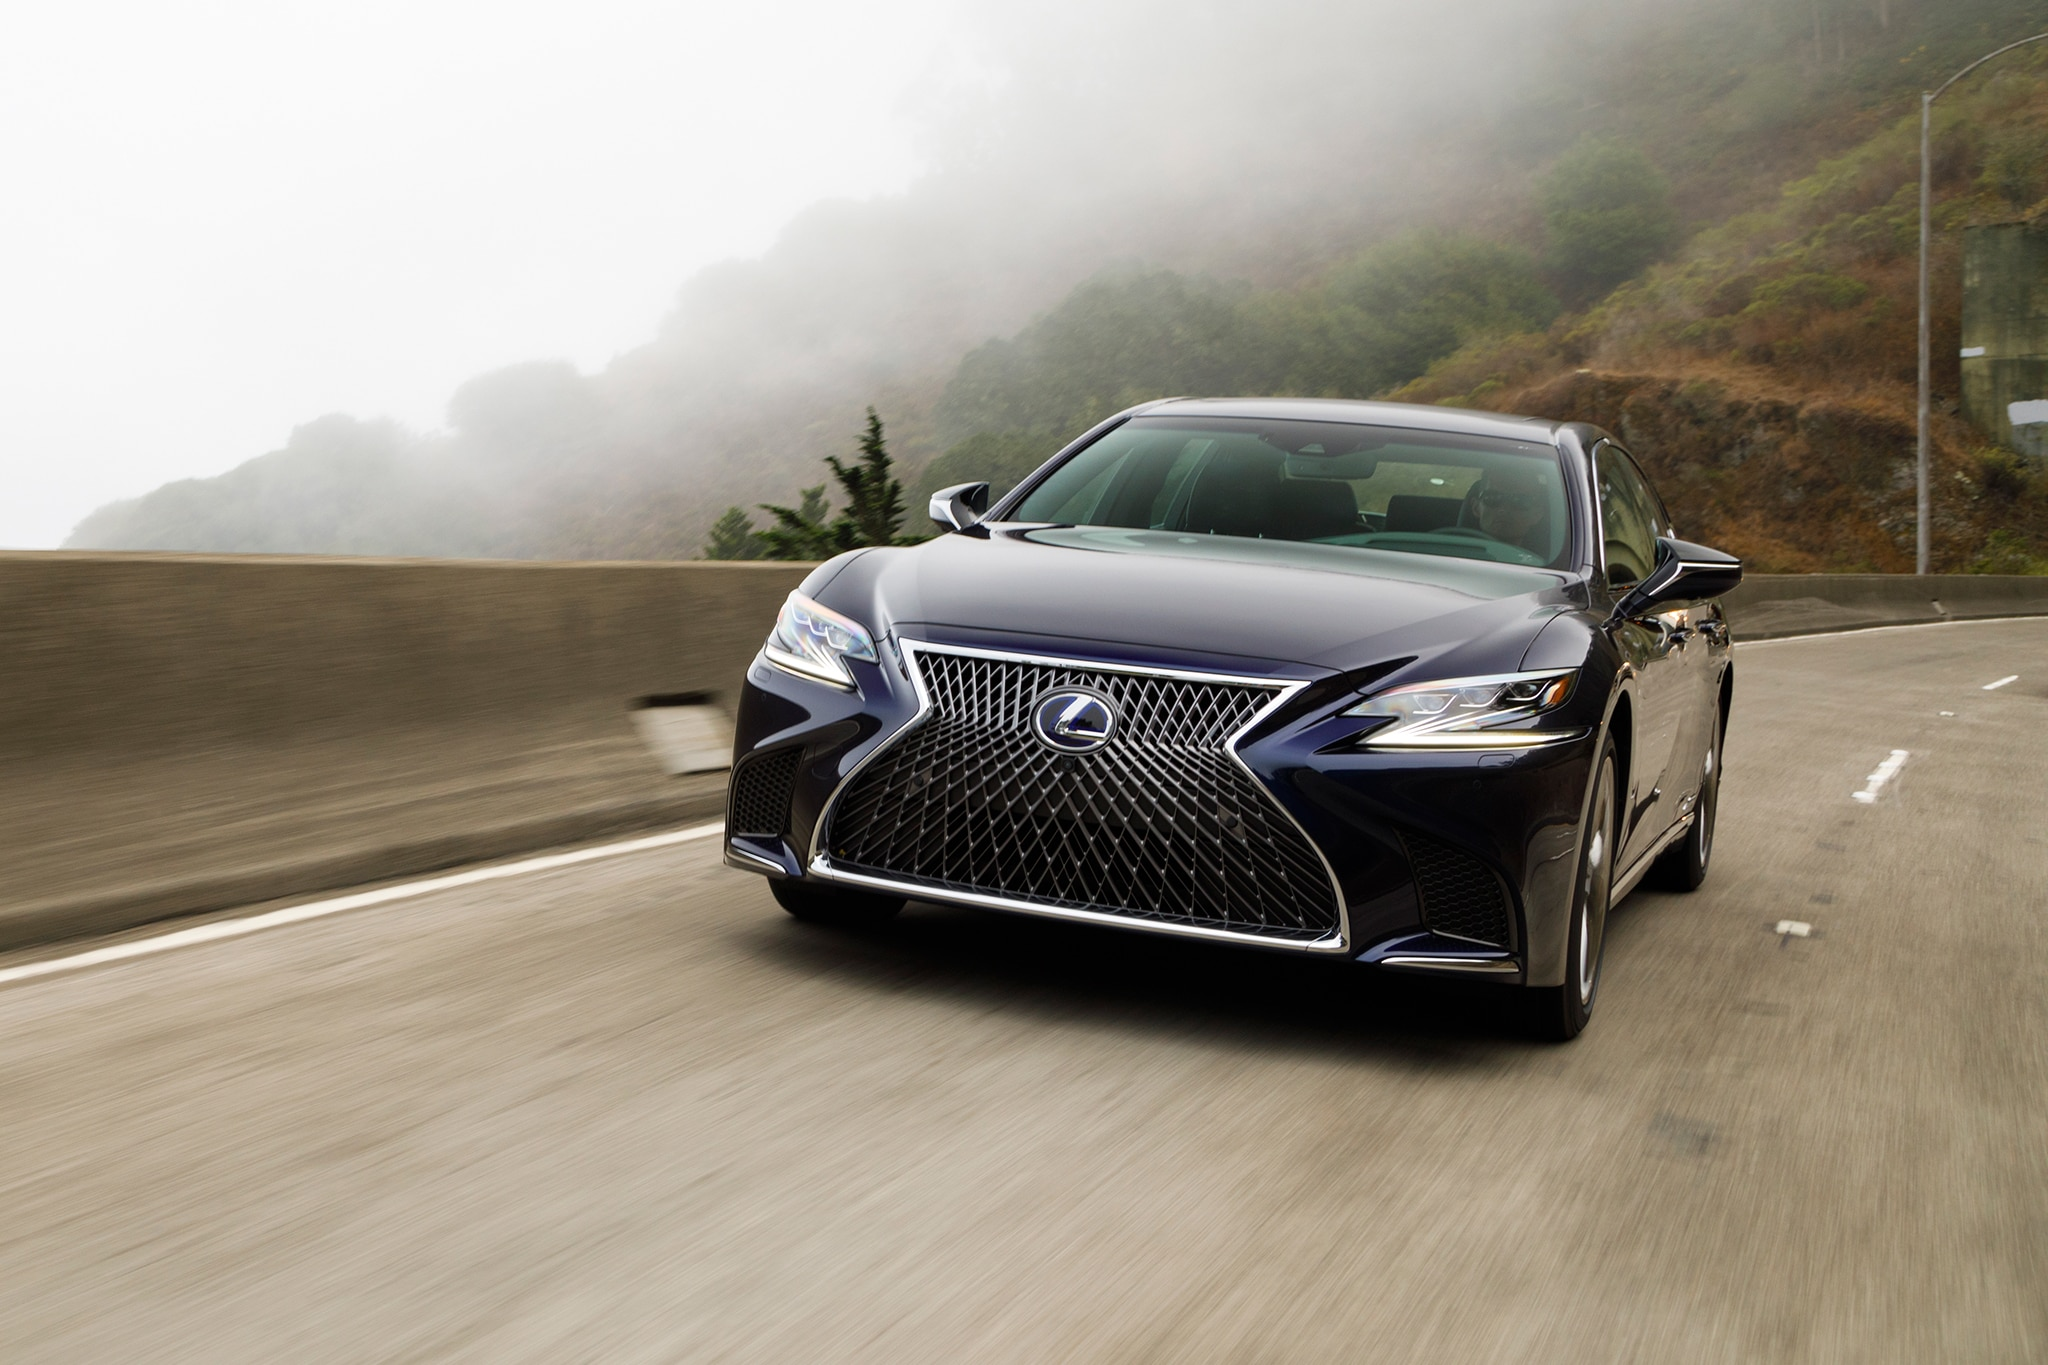 2018 Lexus LS 500h Quick Take Review | Automobile Magazine